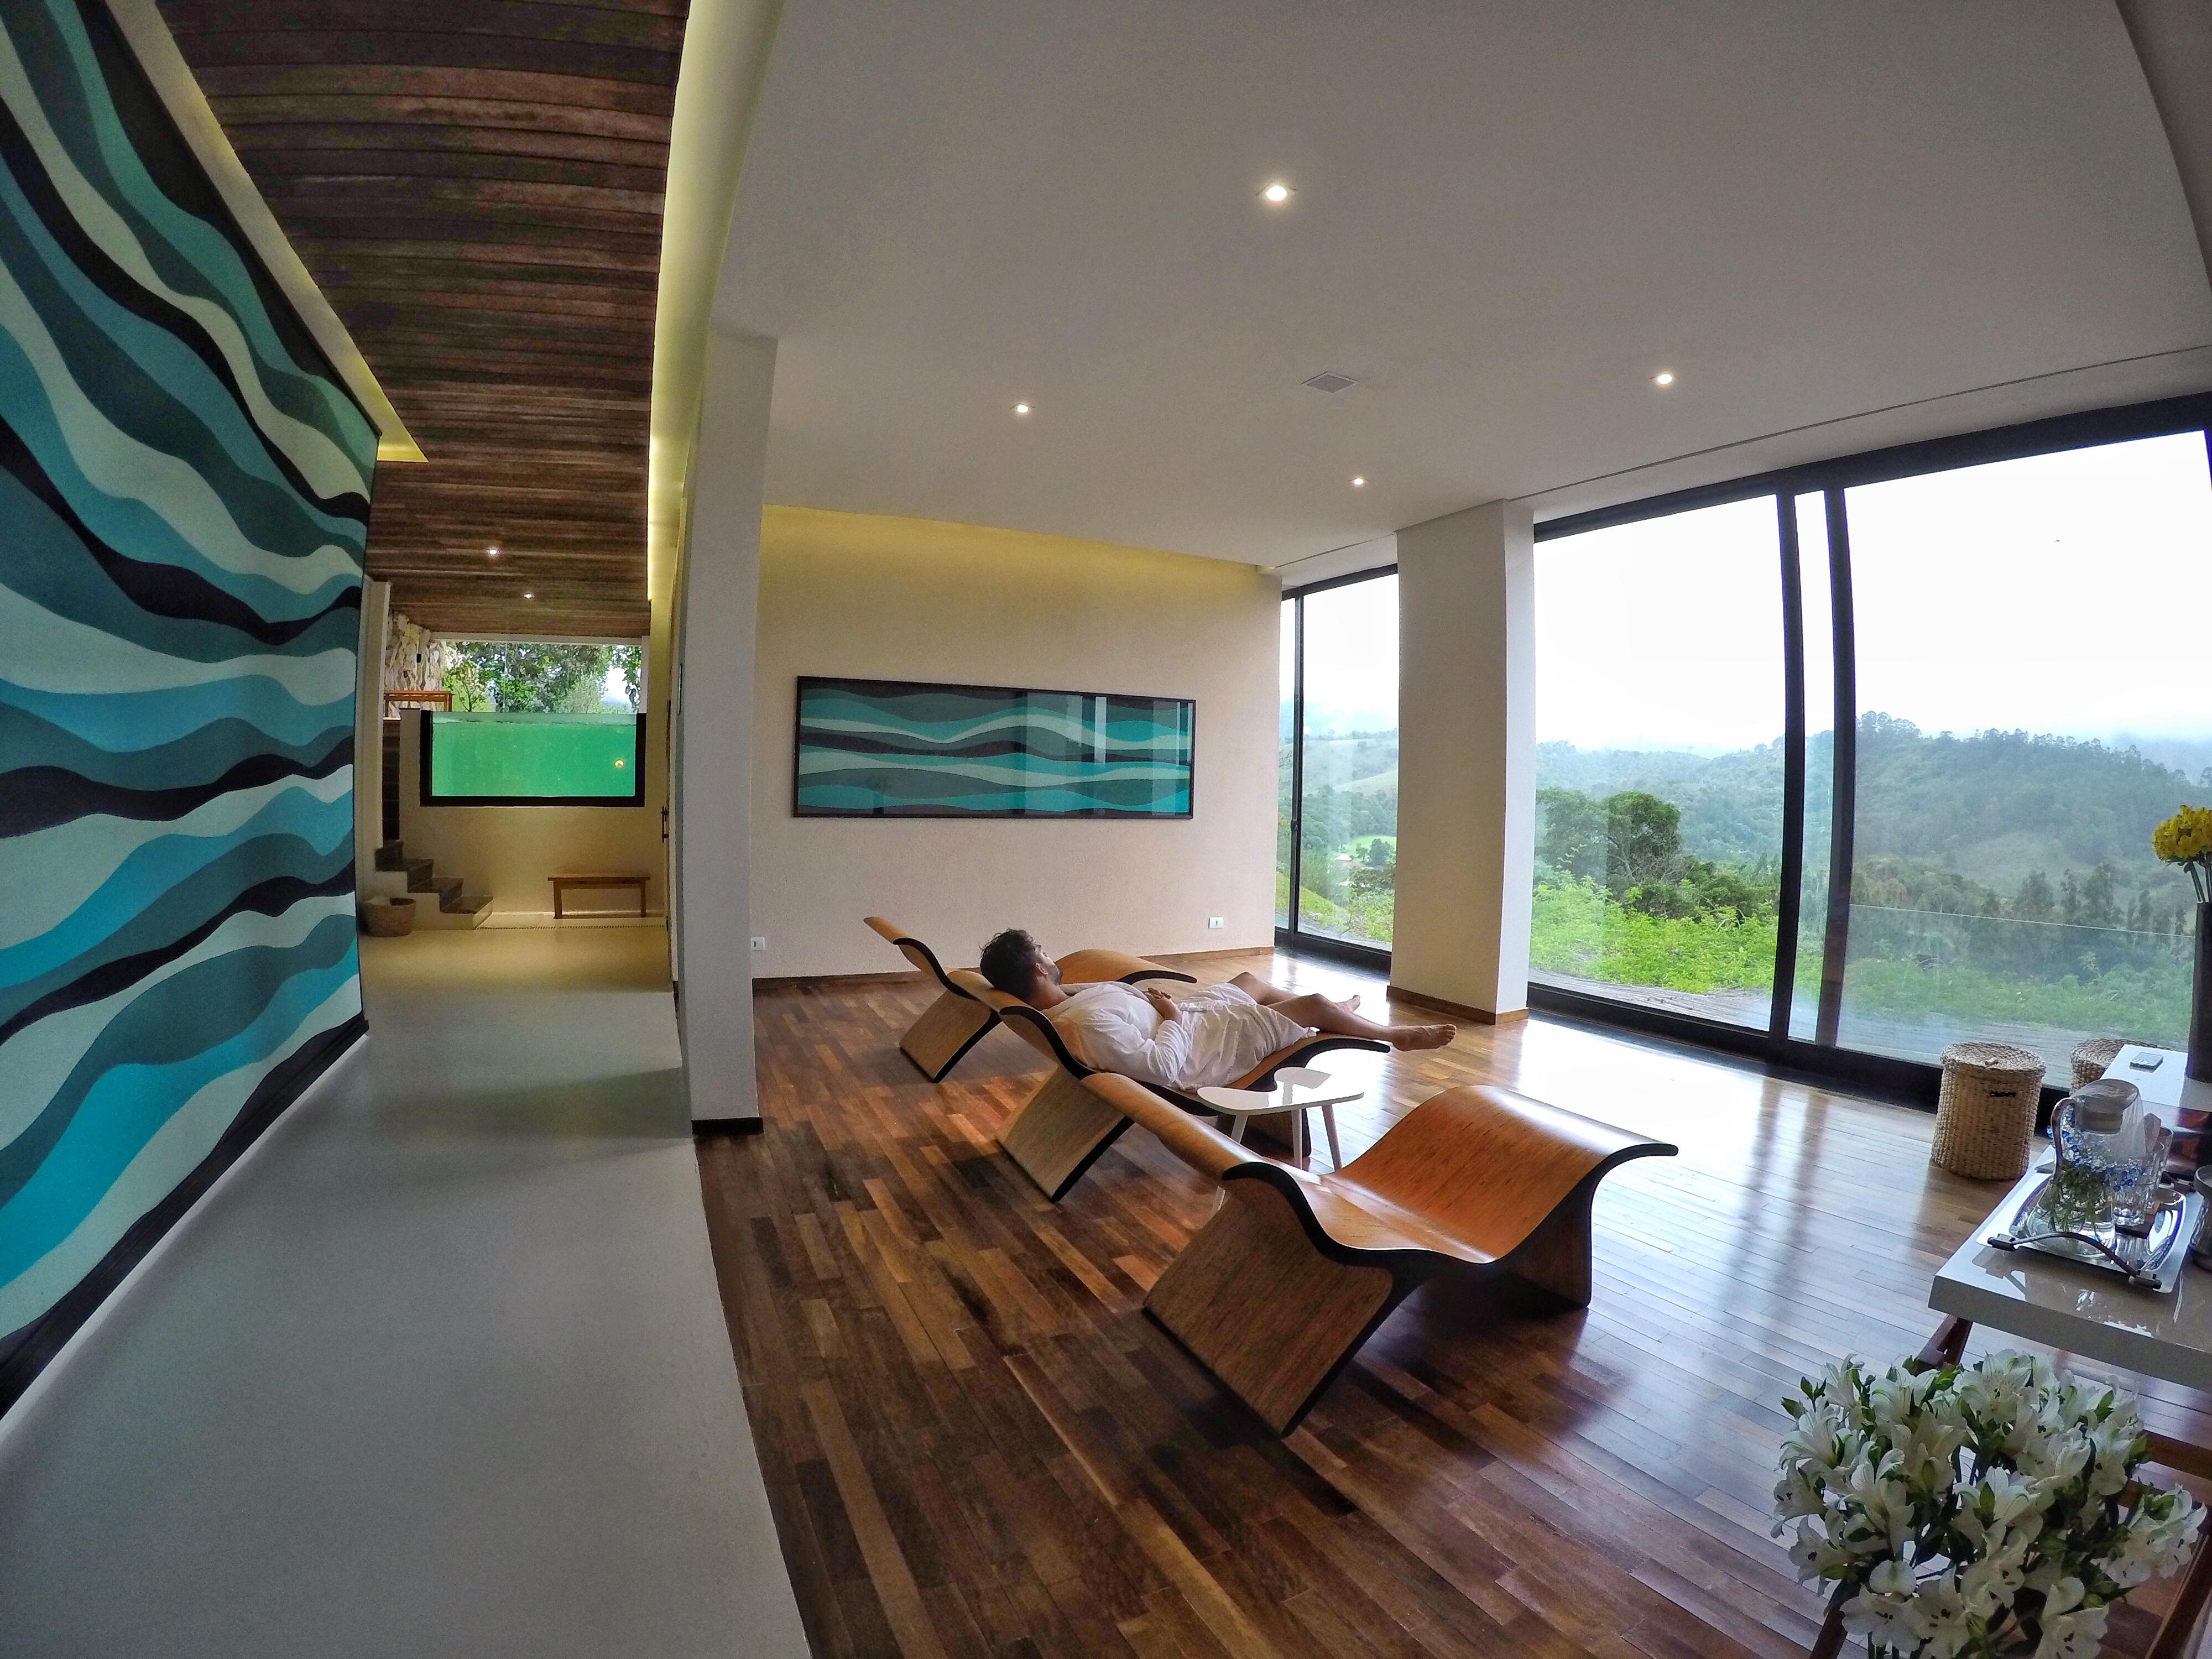 Área de relaxamento